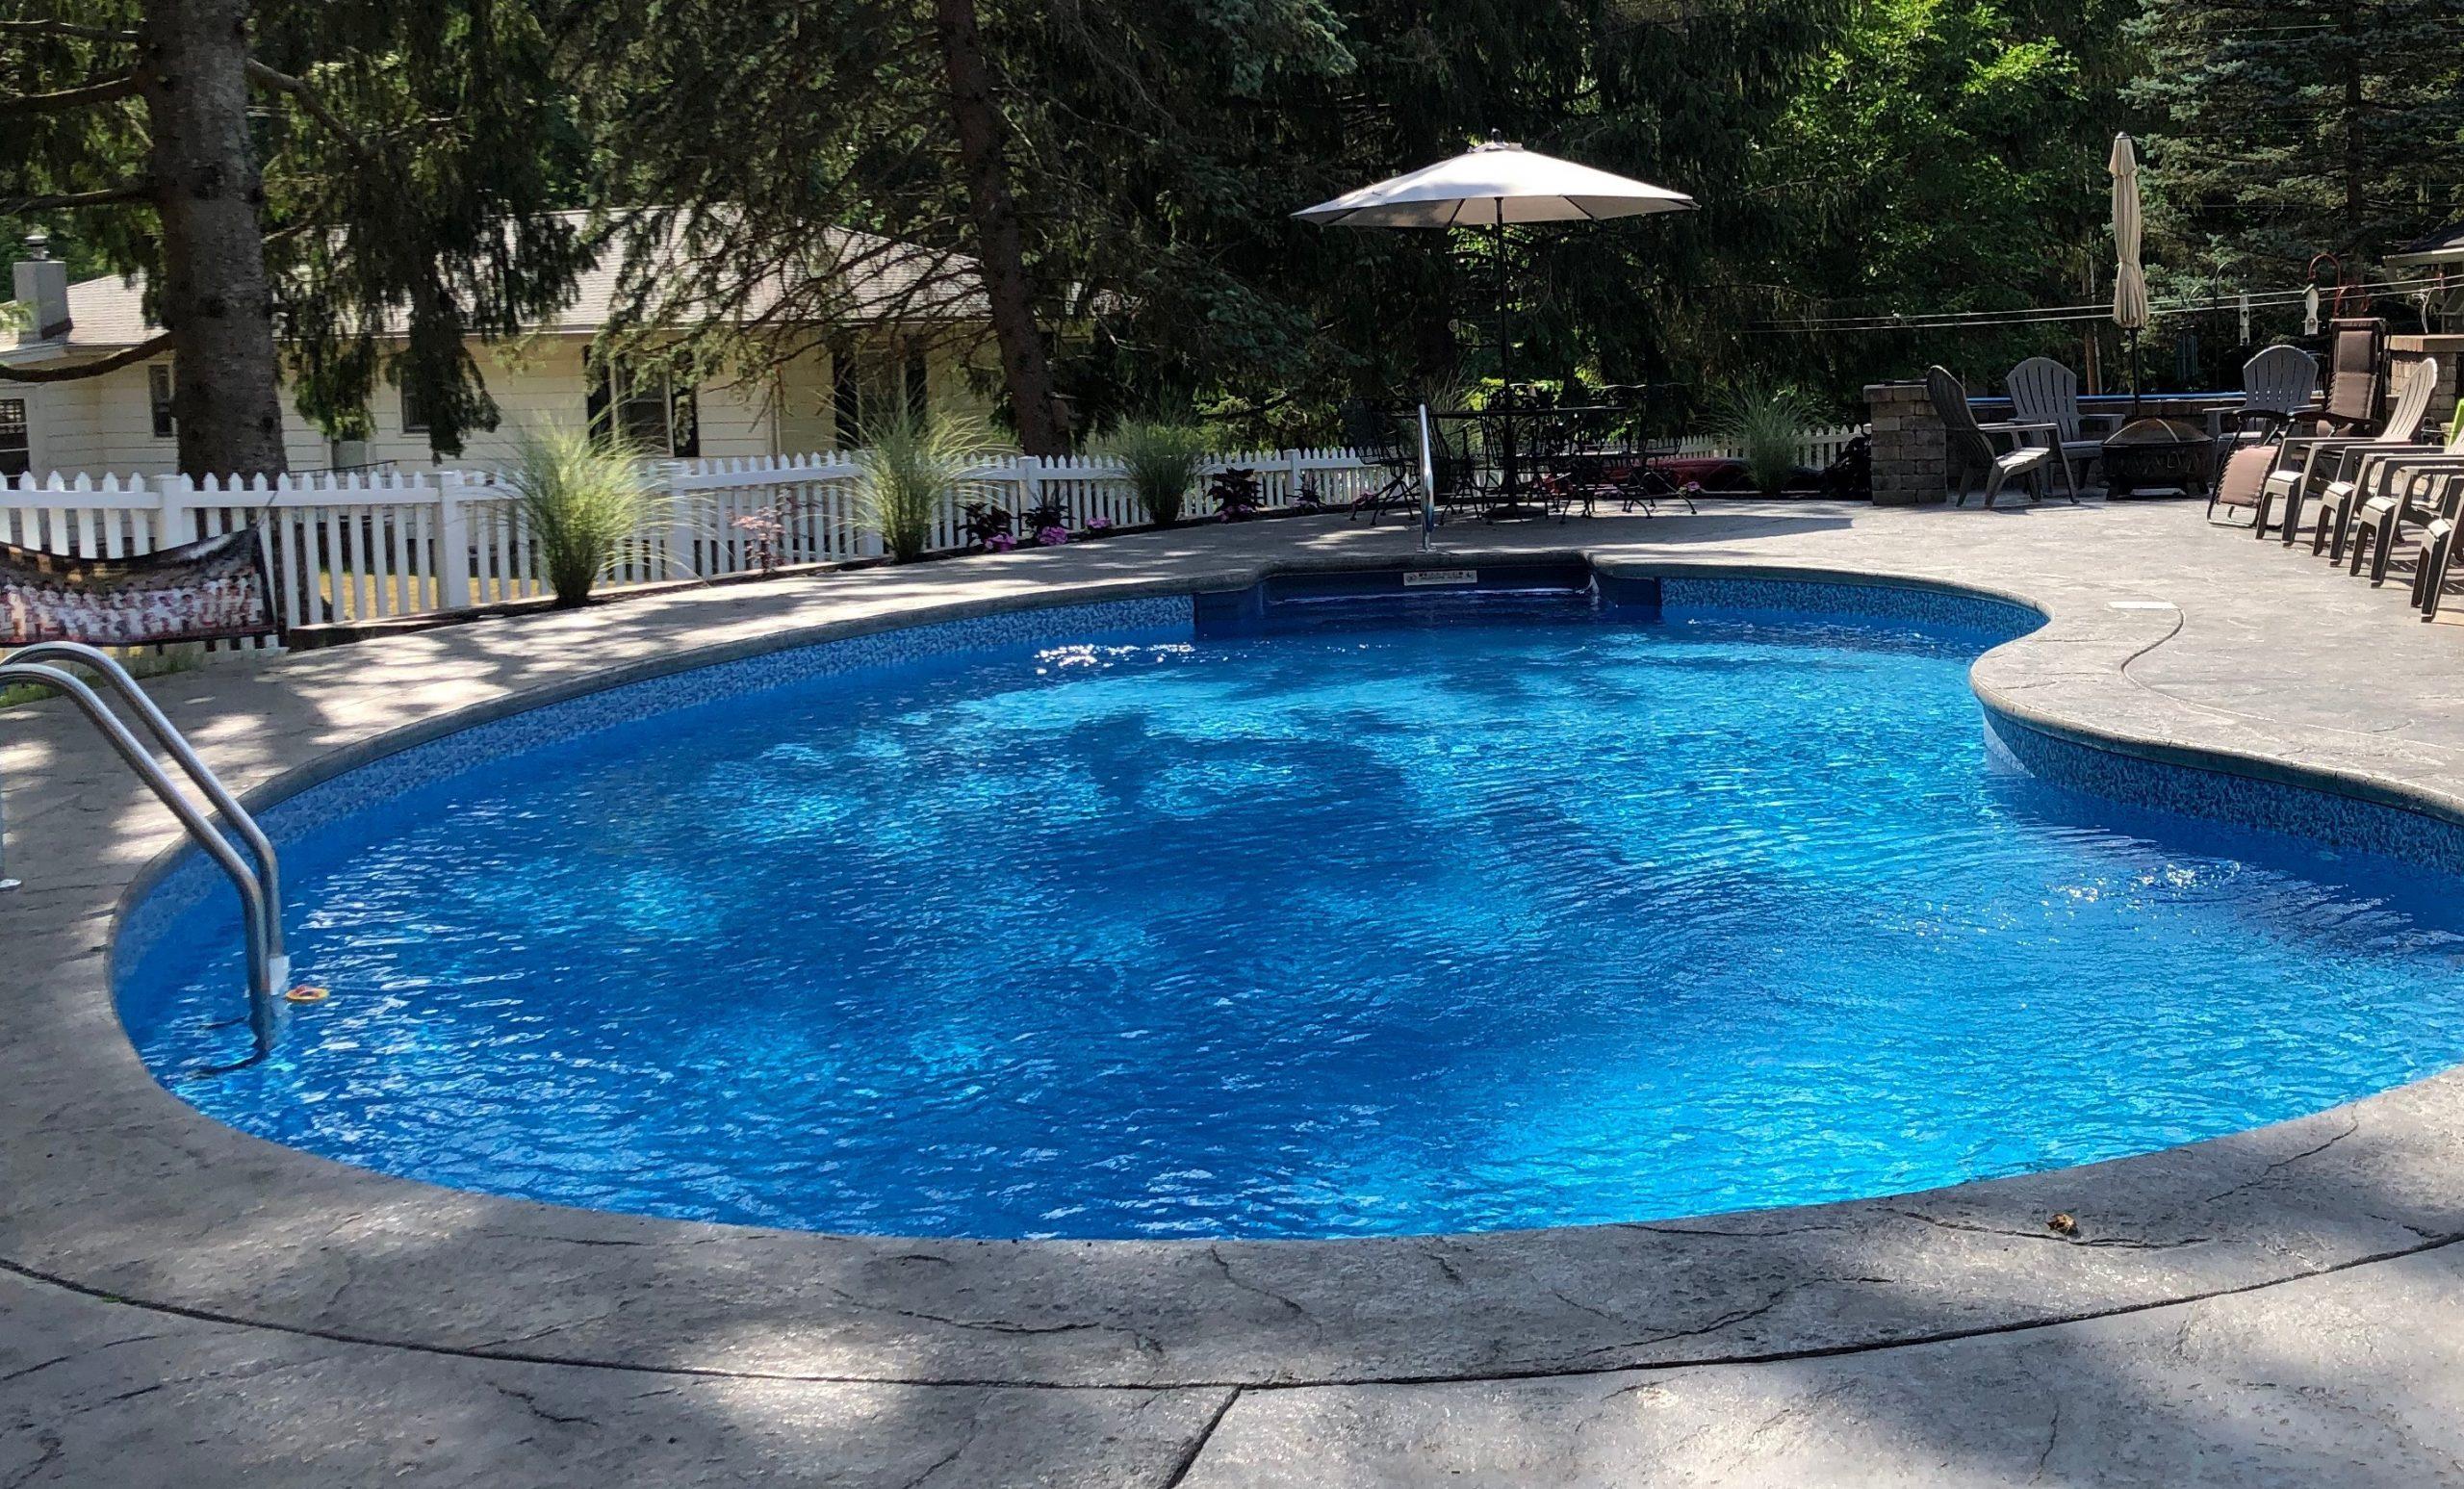 Pools Visual List Item Image